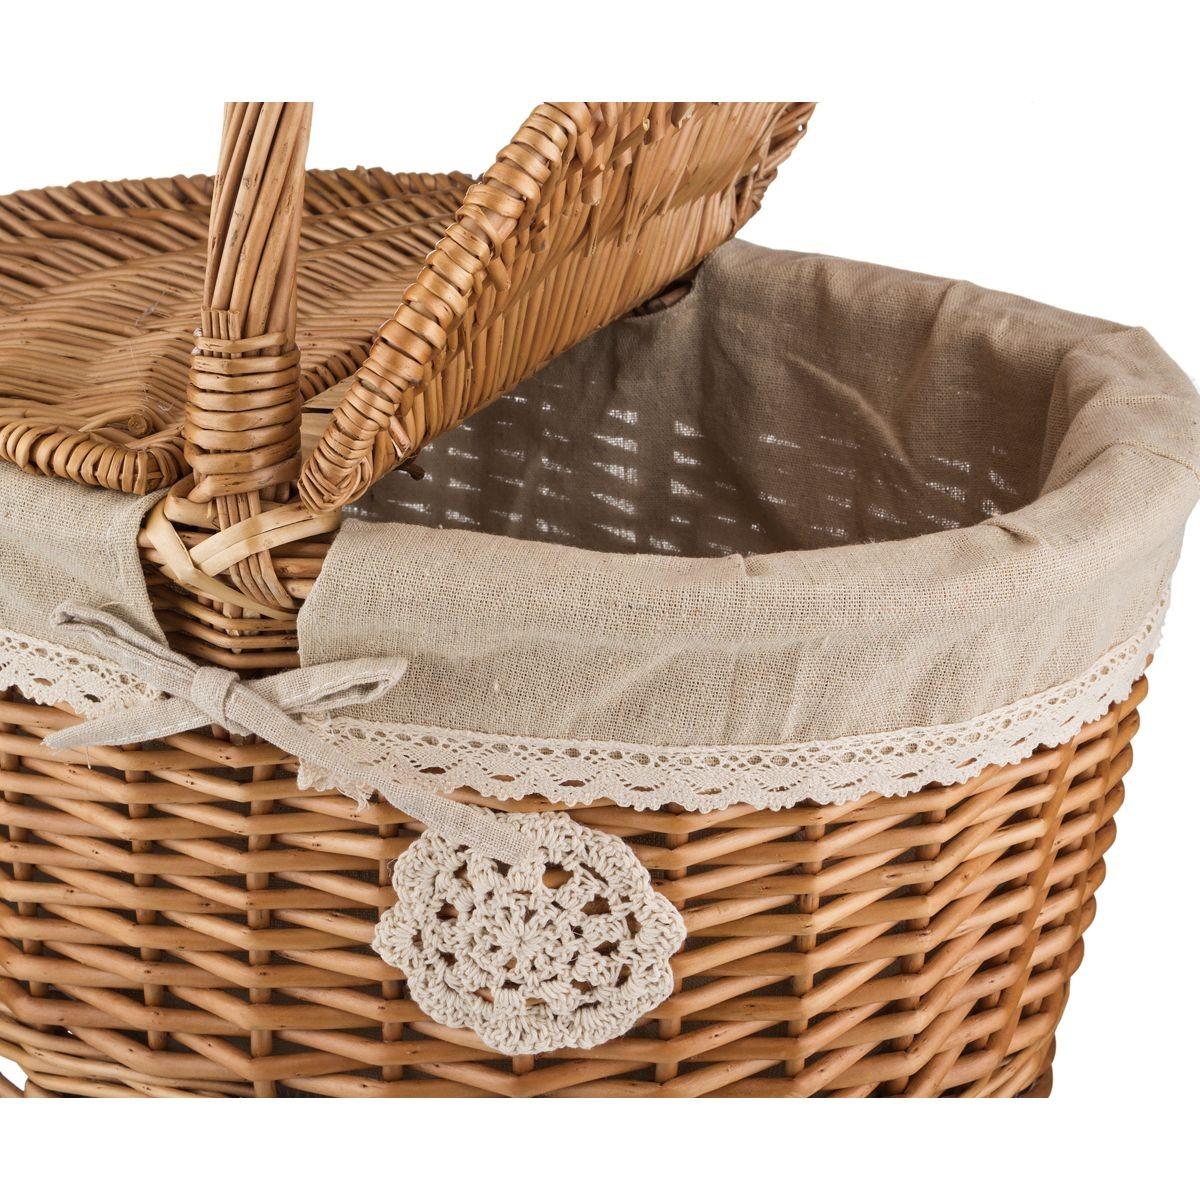 Плетеная корзина для пикника с ручкой 40*31*23/41 см